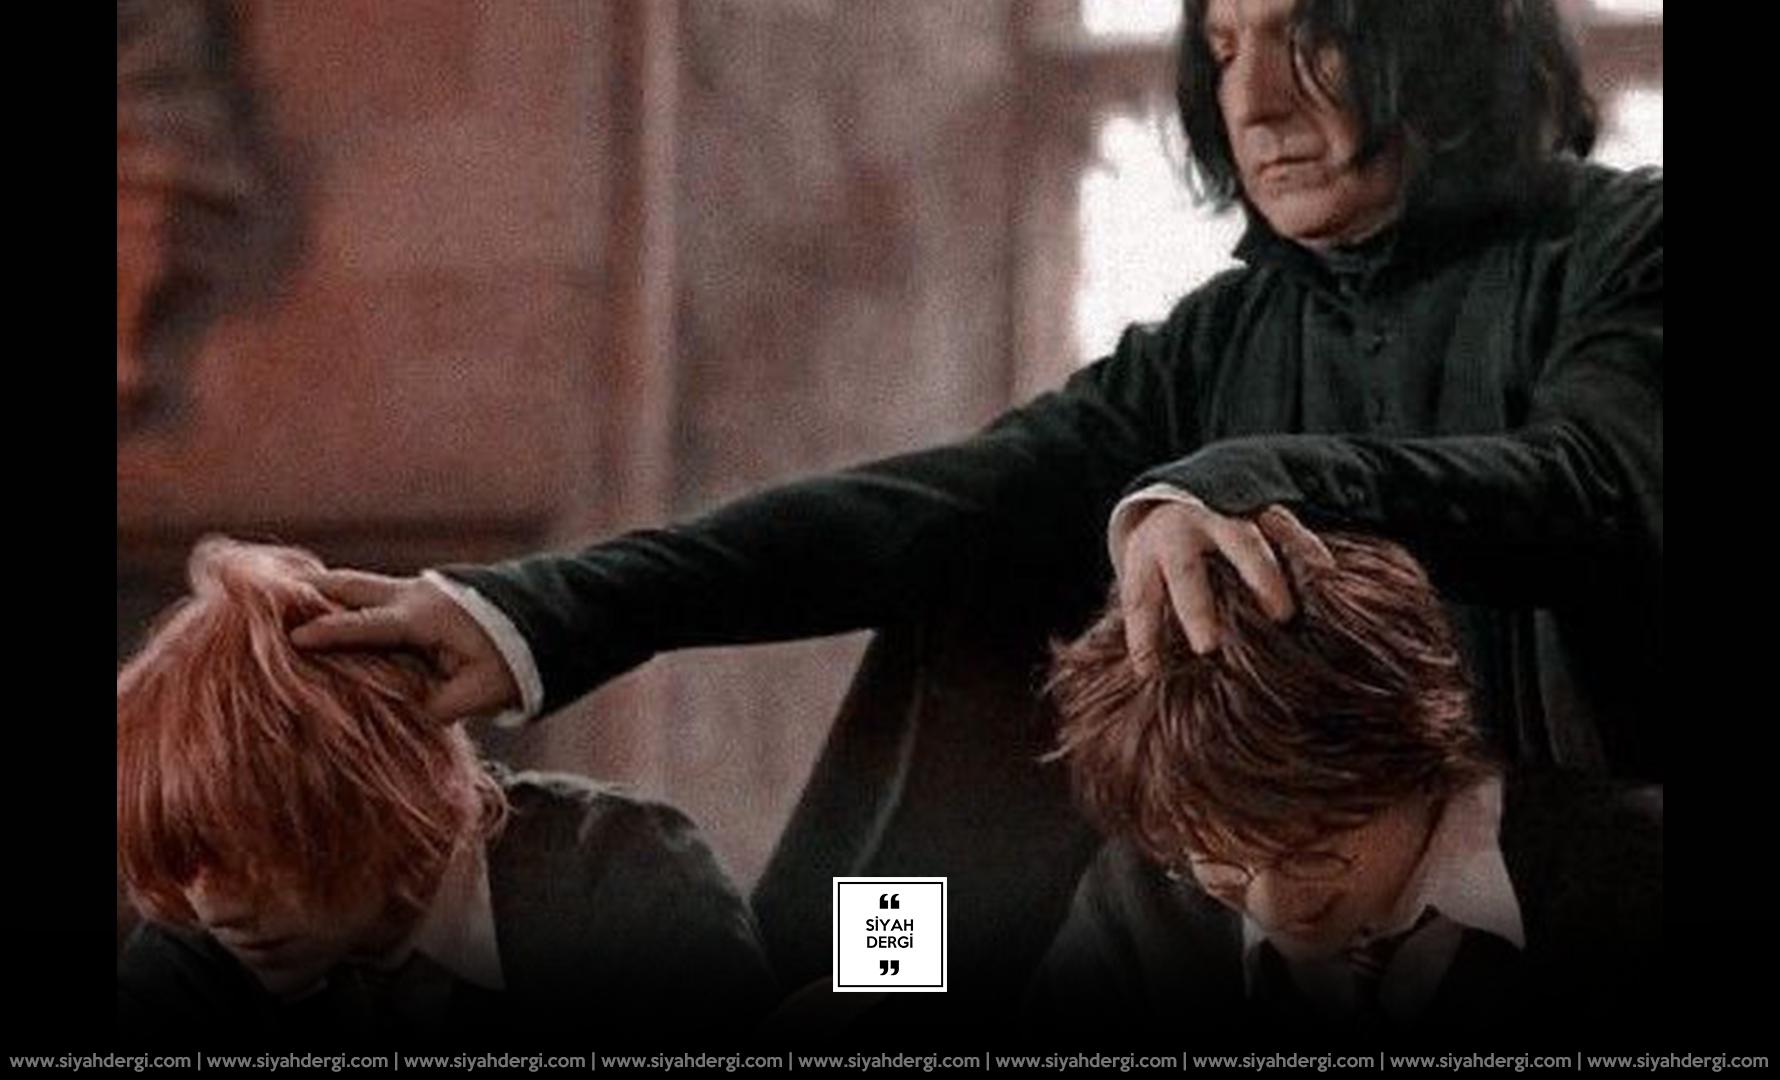 Harry Potter Evrenine Bir Dizi mi Geliyor?